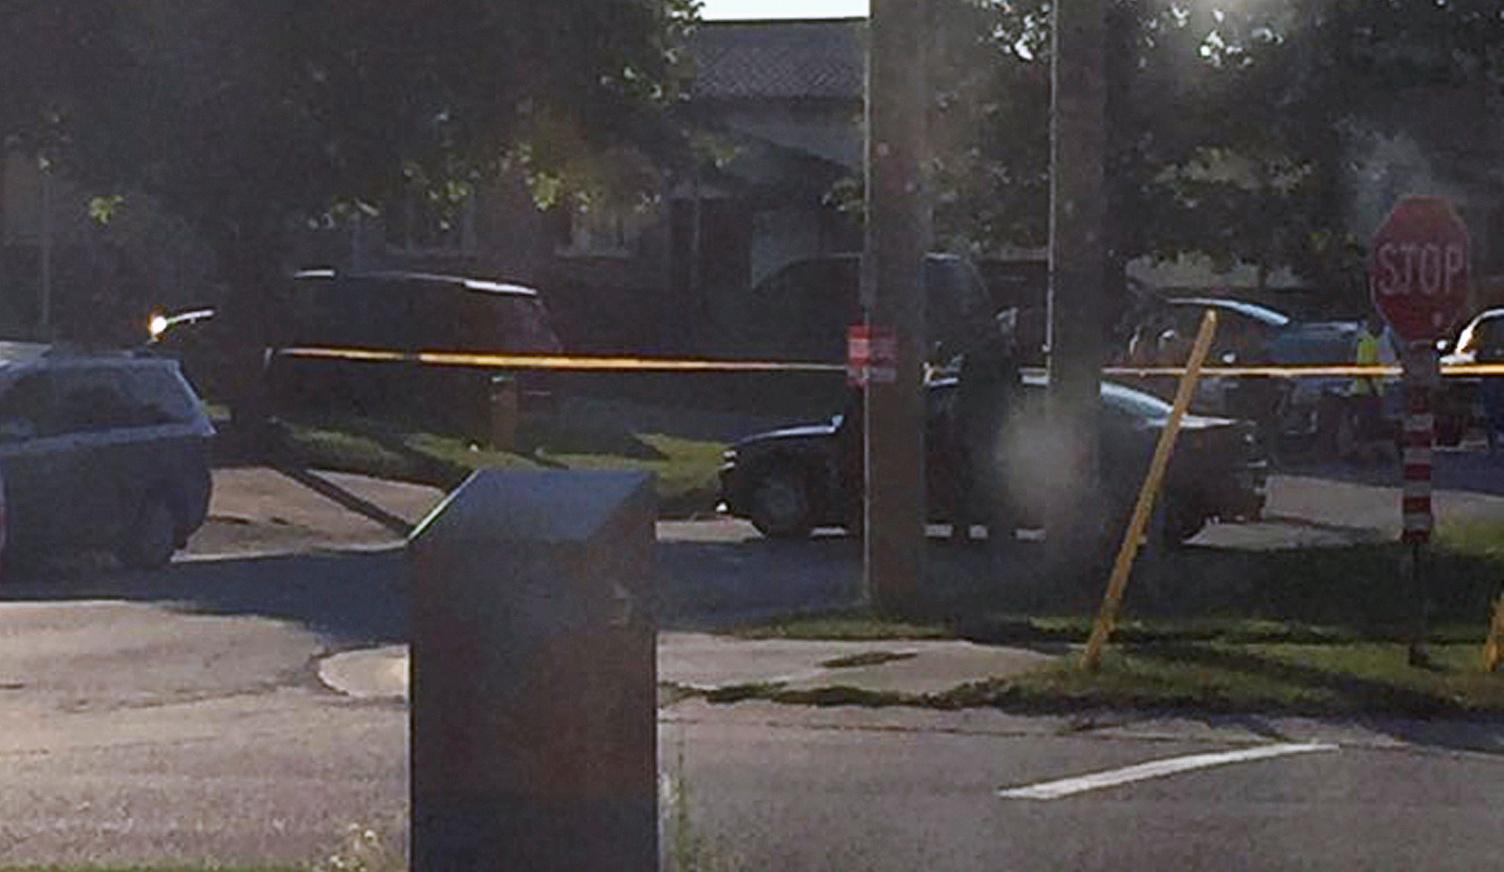 Canada terror suspect killed